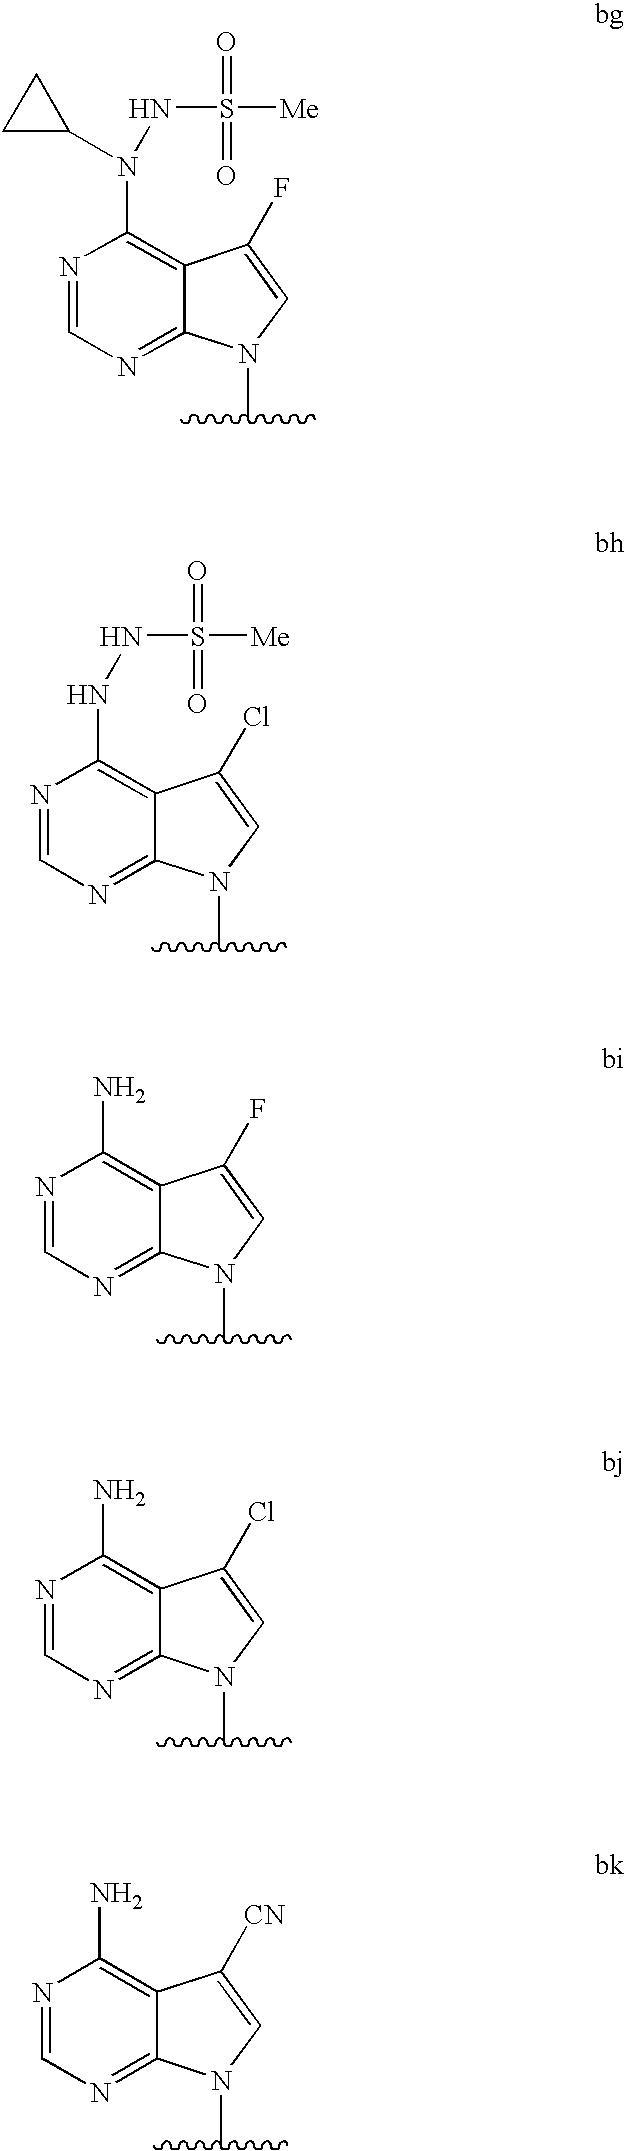 Figure US08173621-20120508-C00023